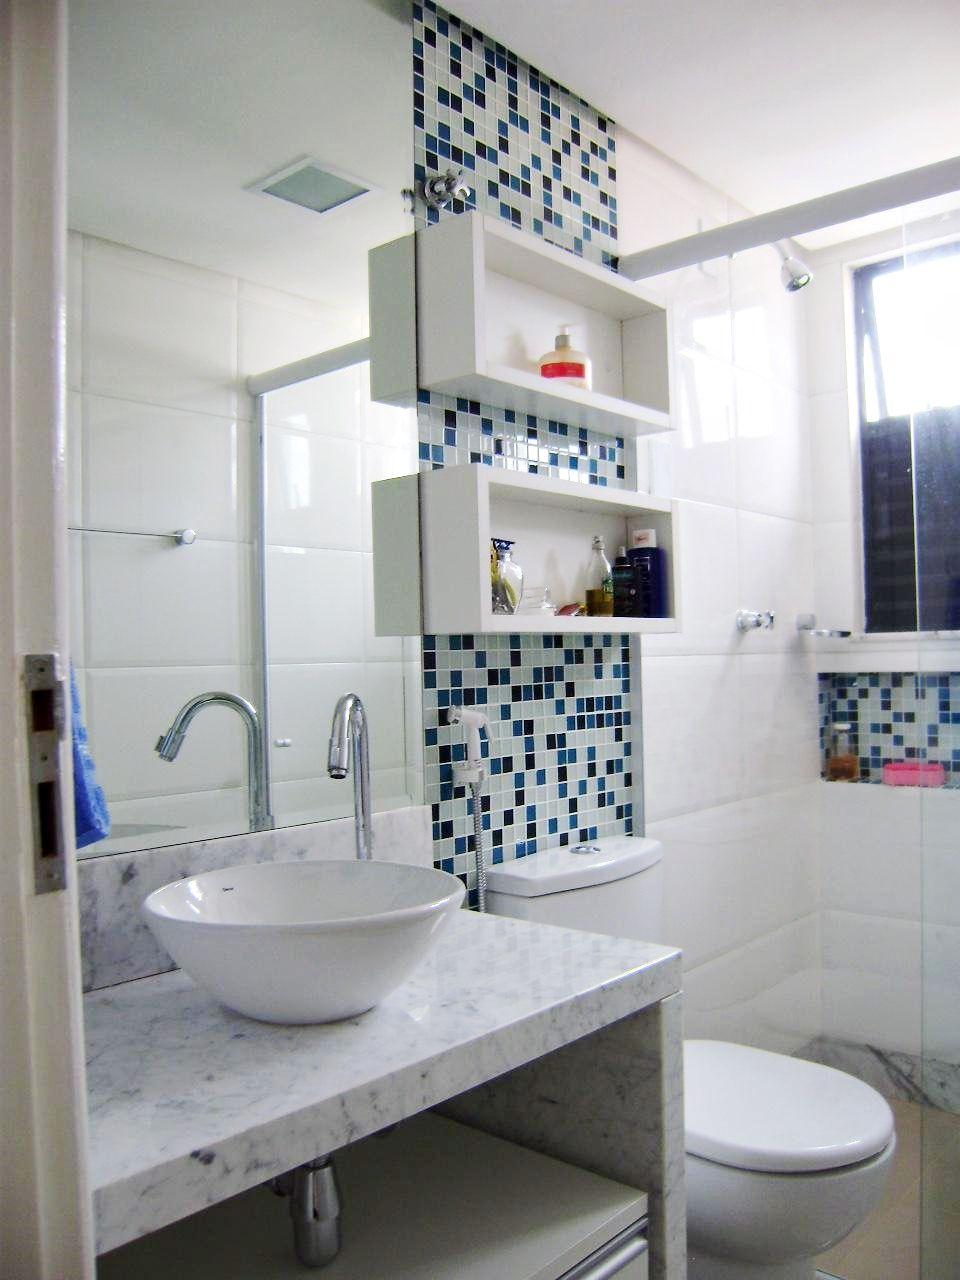 3 dicas imperd veis de como escolher m veis para apartamentos pequenos casa de banho. Black Bedroom Furniture Sets. Home Design Ideas